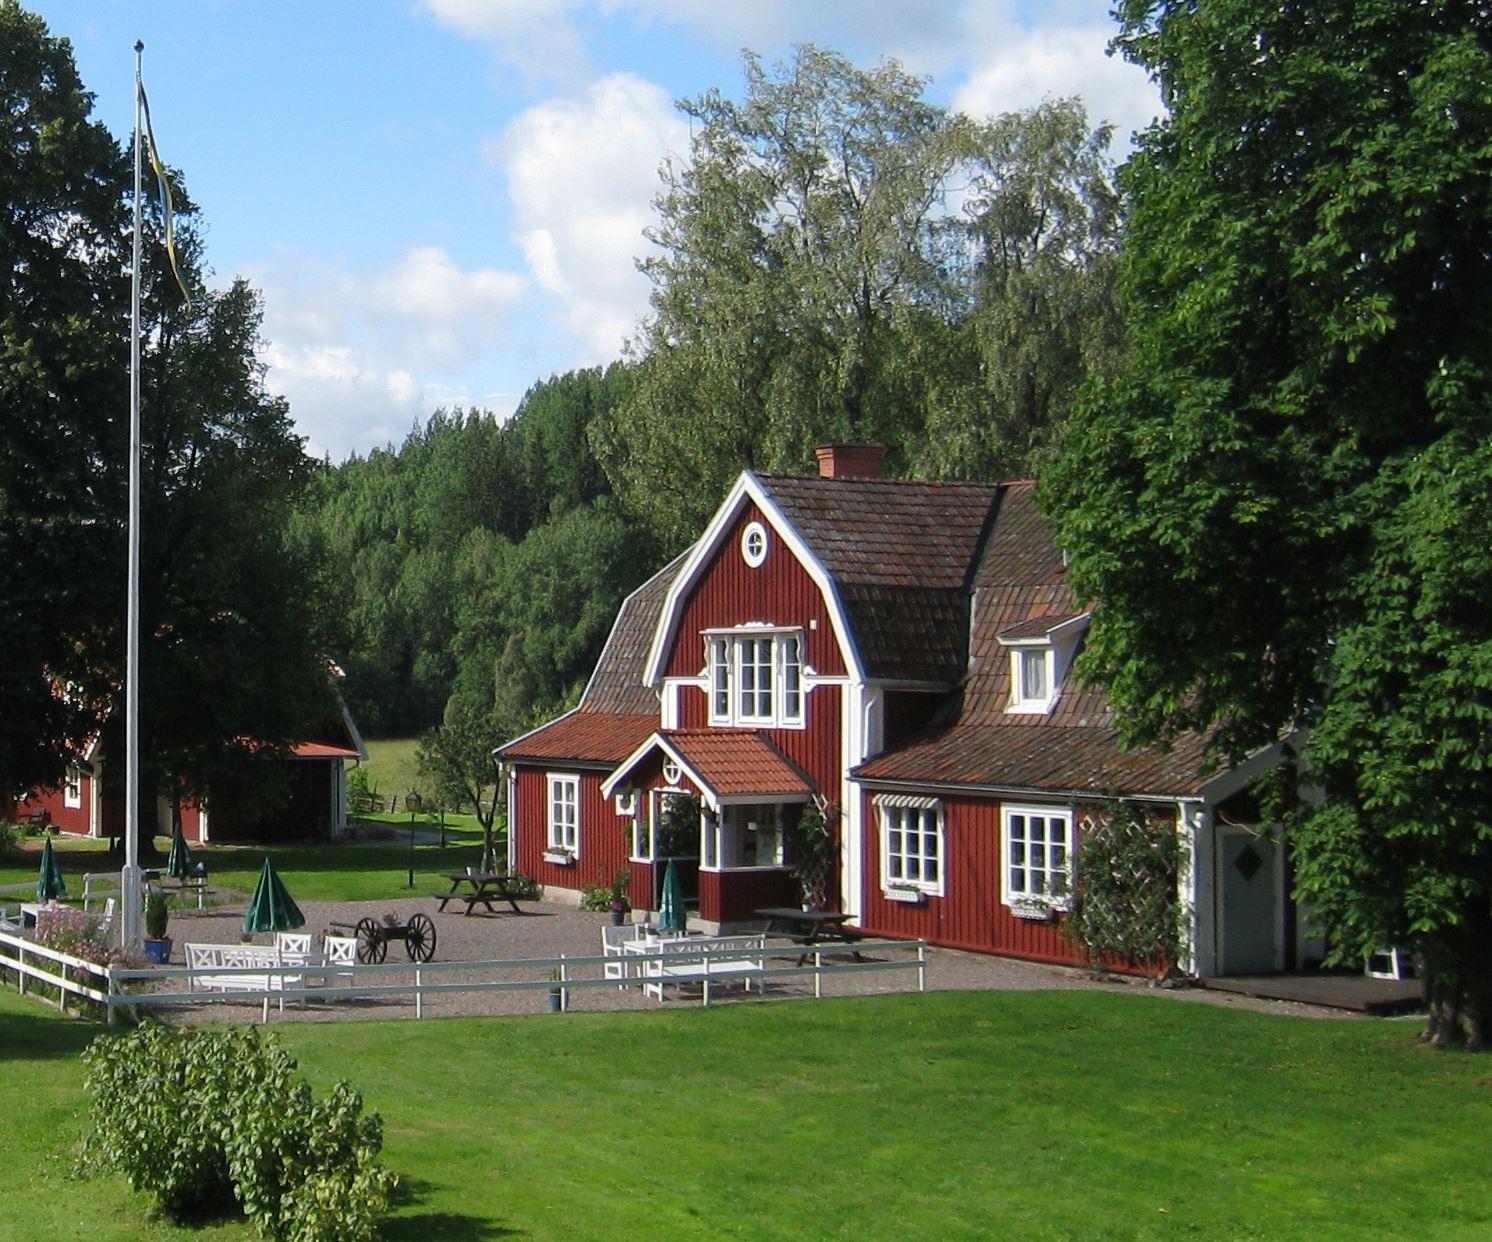 Hotel Sommarhagen